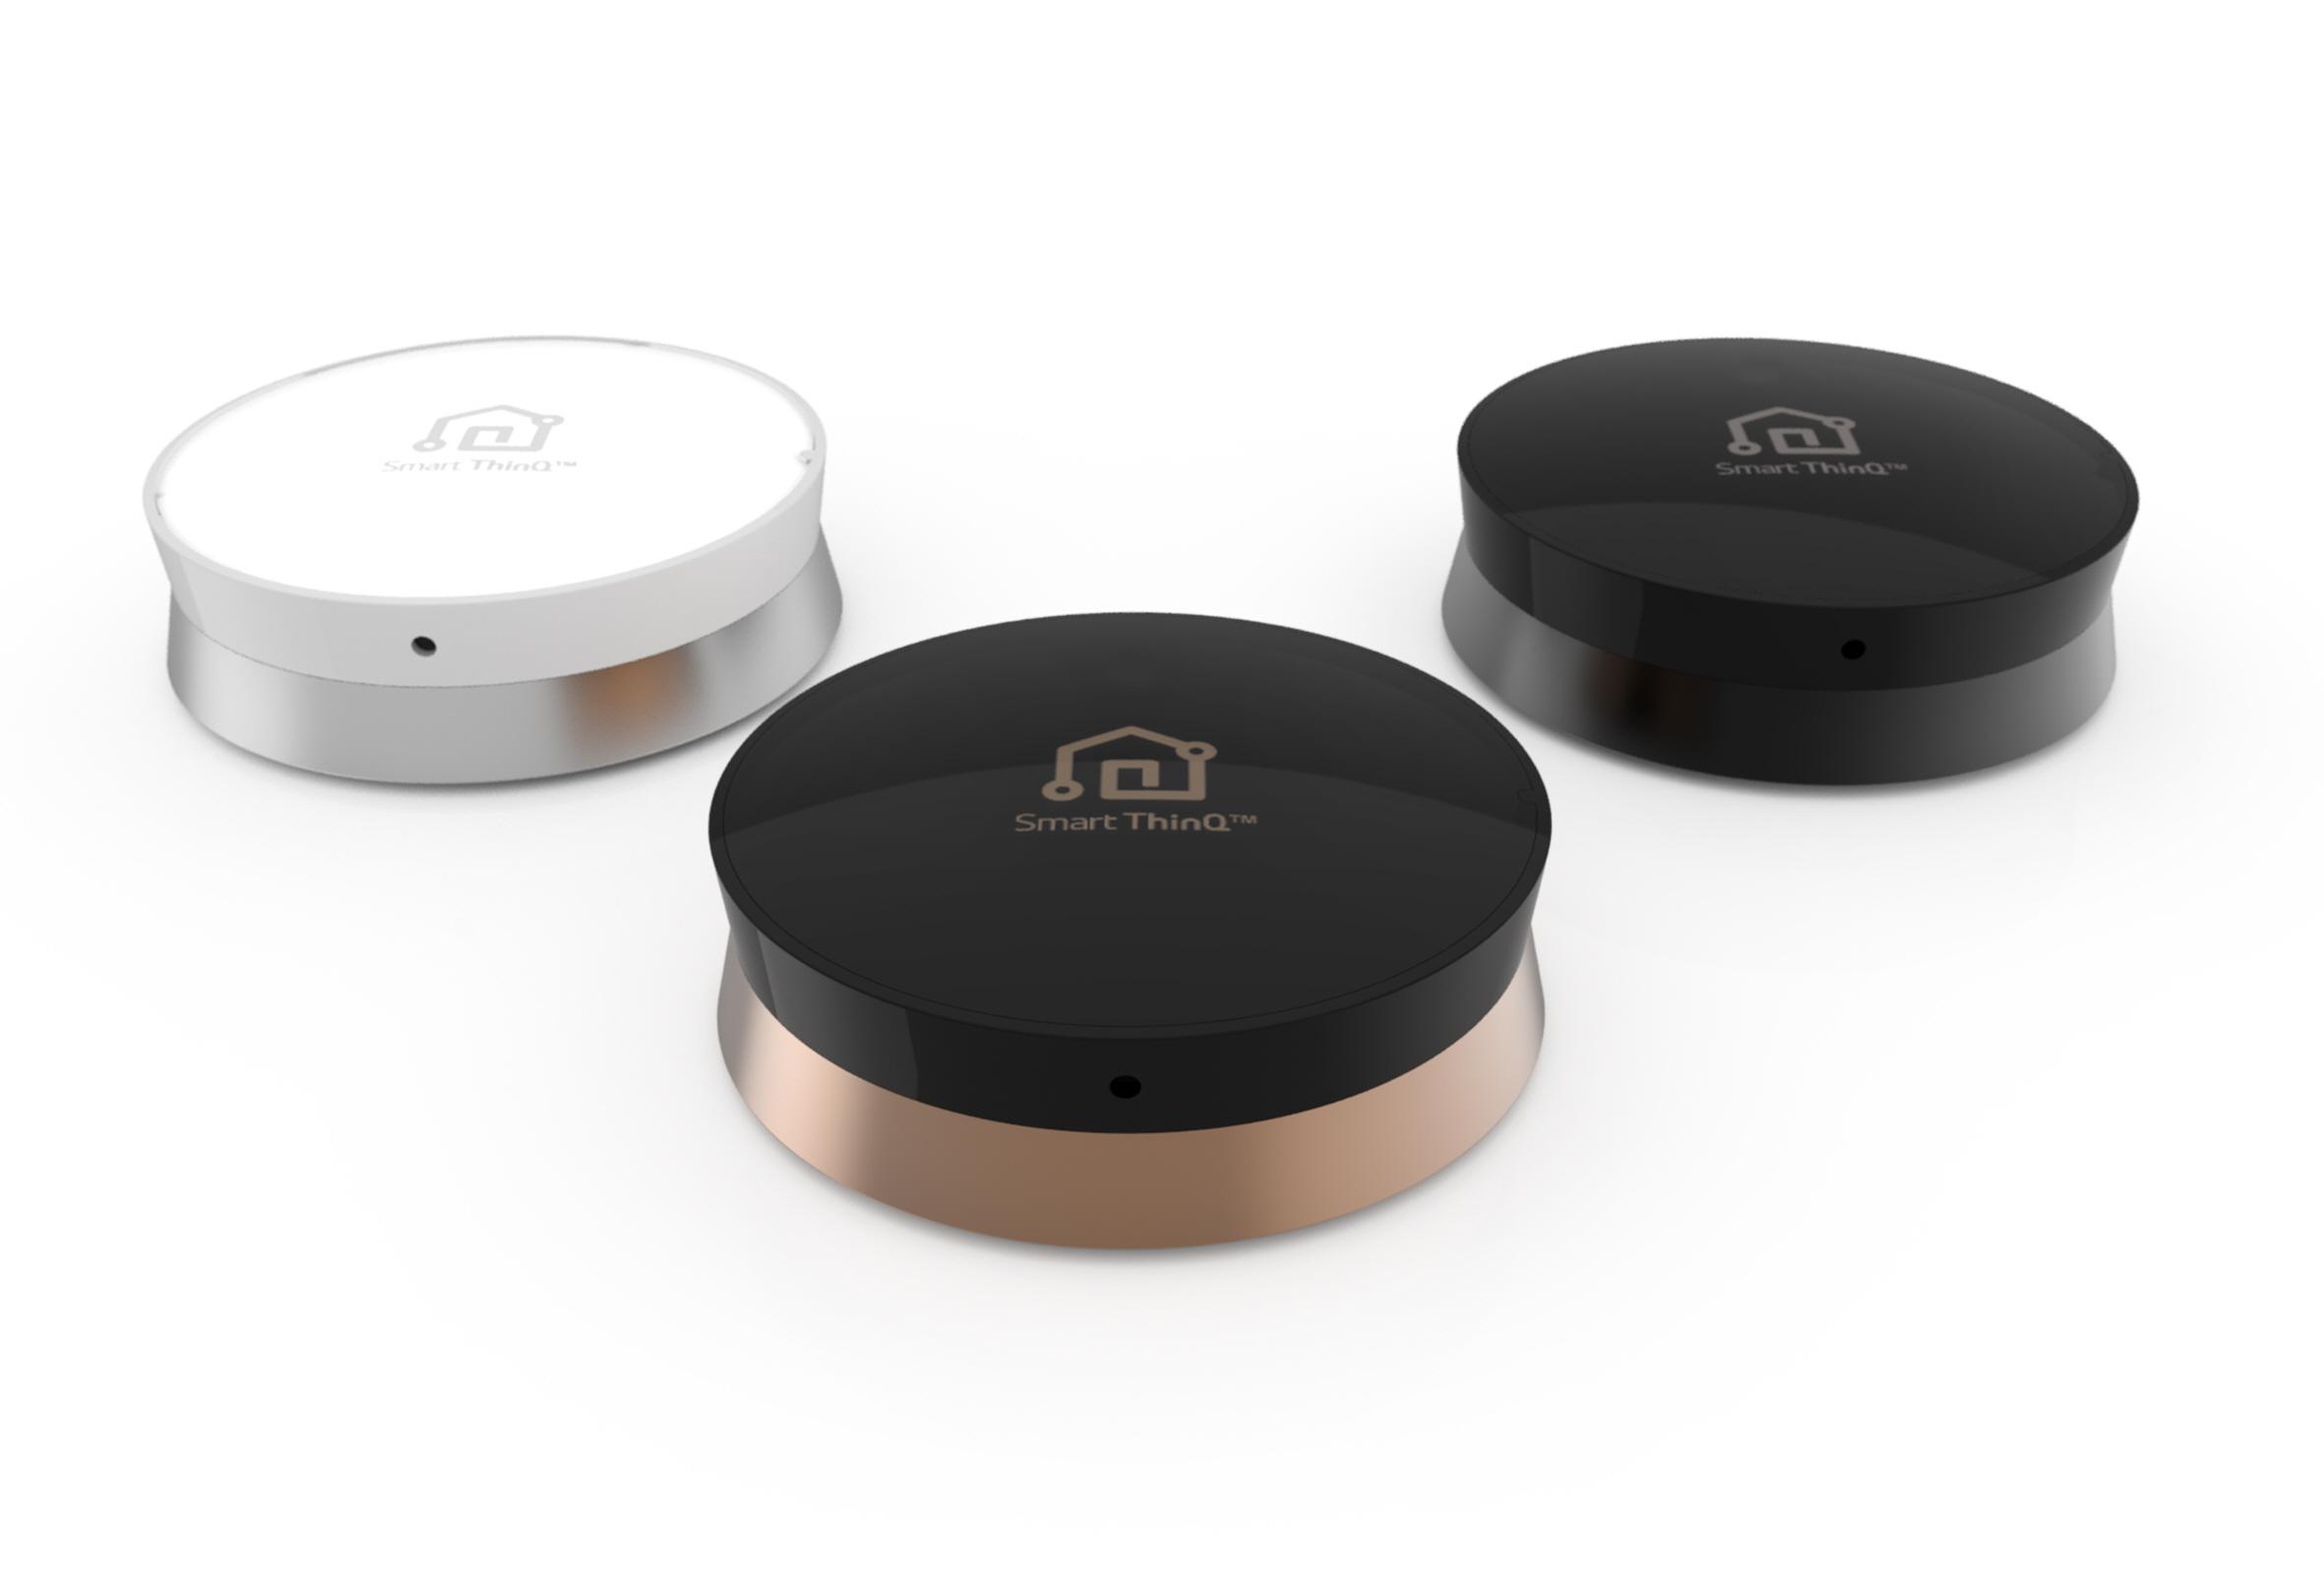 Internet Rzeczy (czyli IoT - Internet of Things) wg LG, czyli czujniki SmartThinQ, które są elementami systemu SmartThinQ HUB - fot. LG